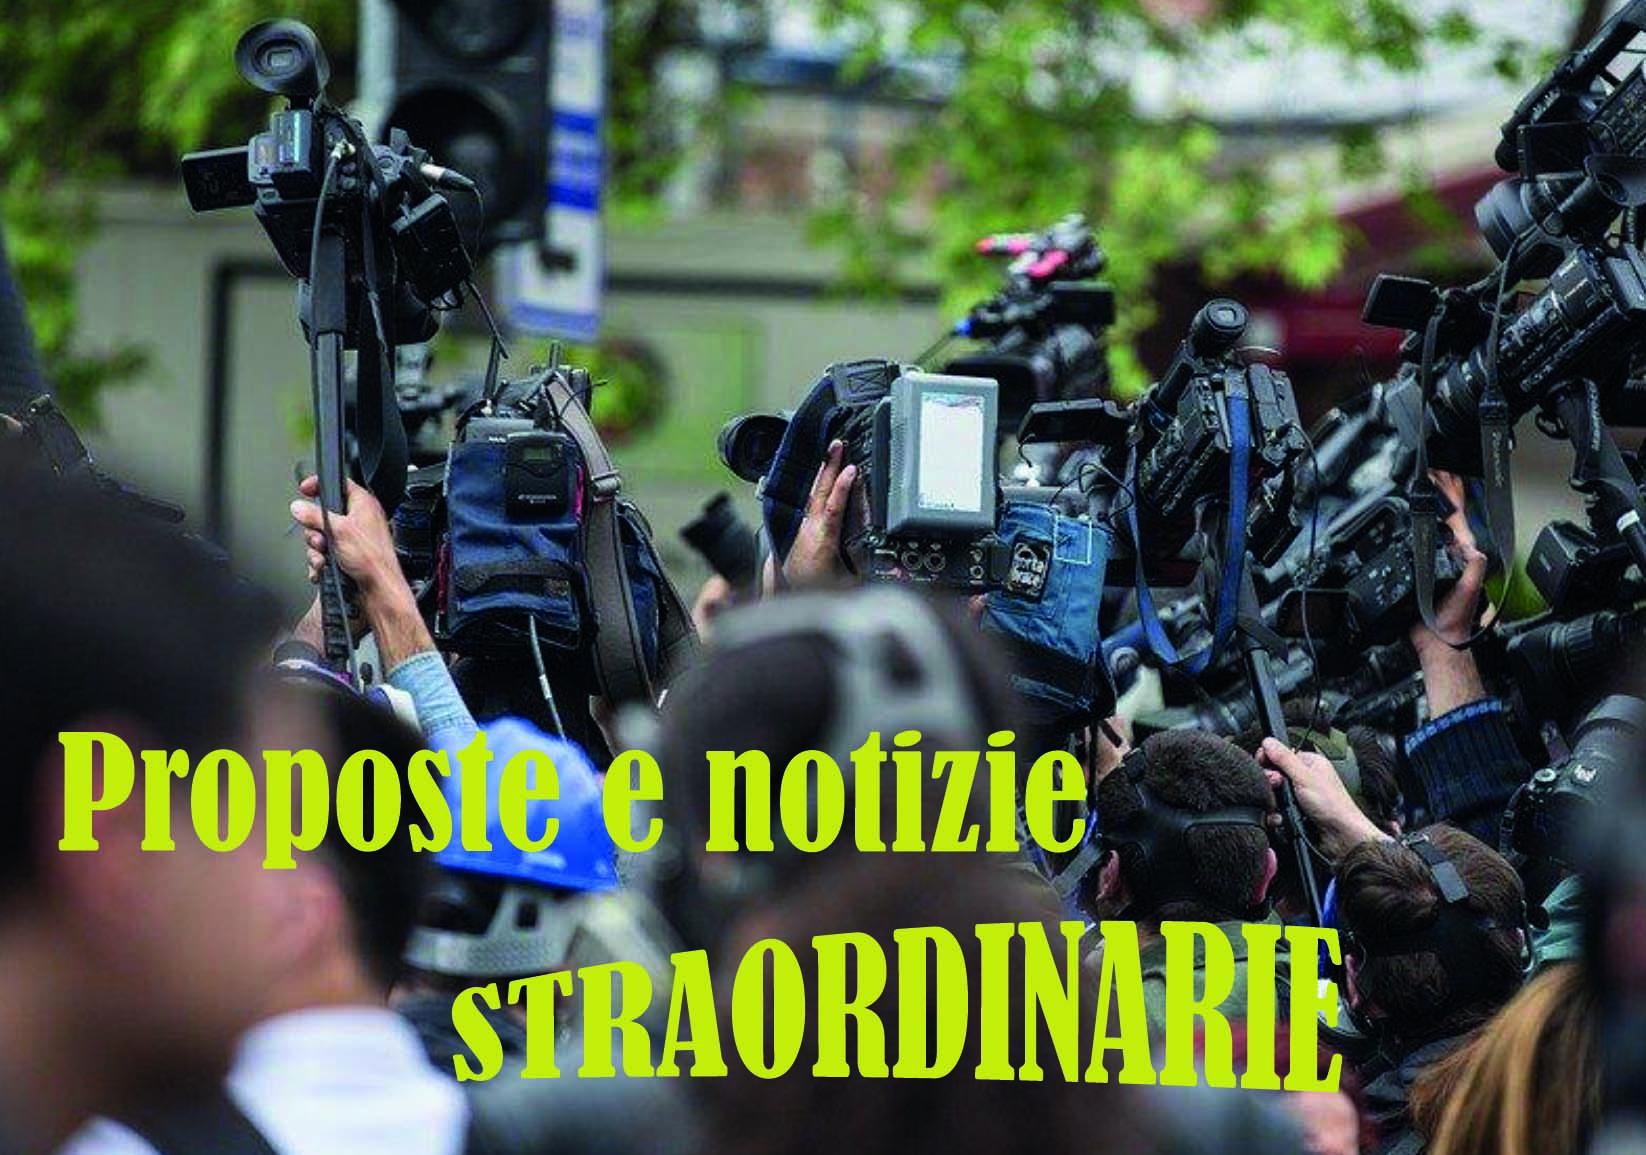 Proposte e notizie straordinarie